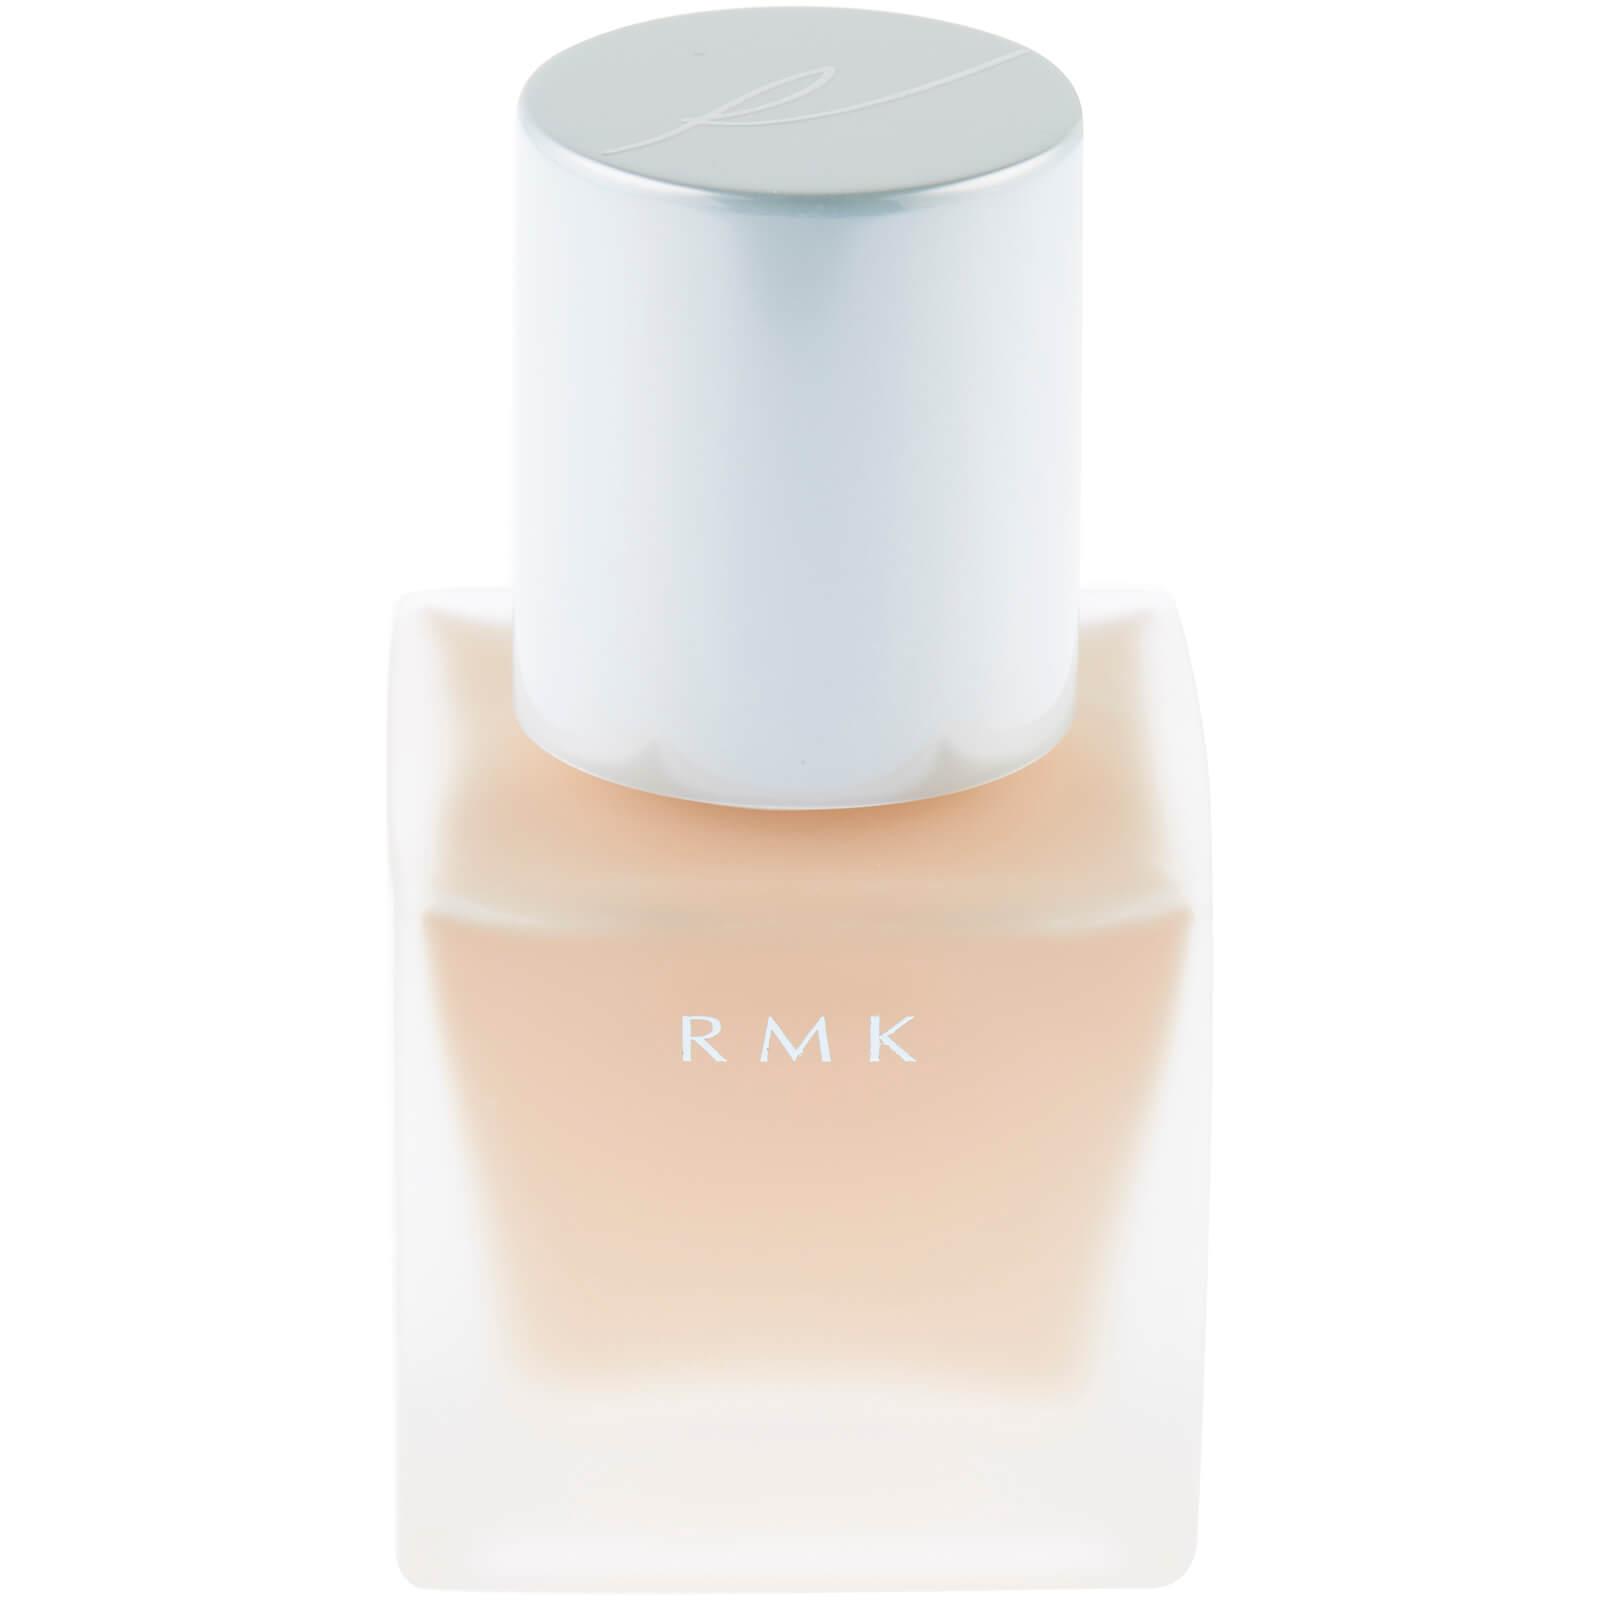 RMK Creamy Foundation - N 202 30g